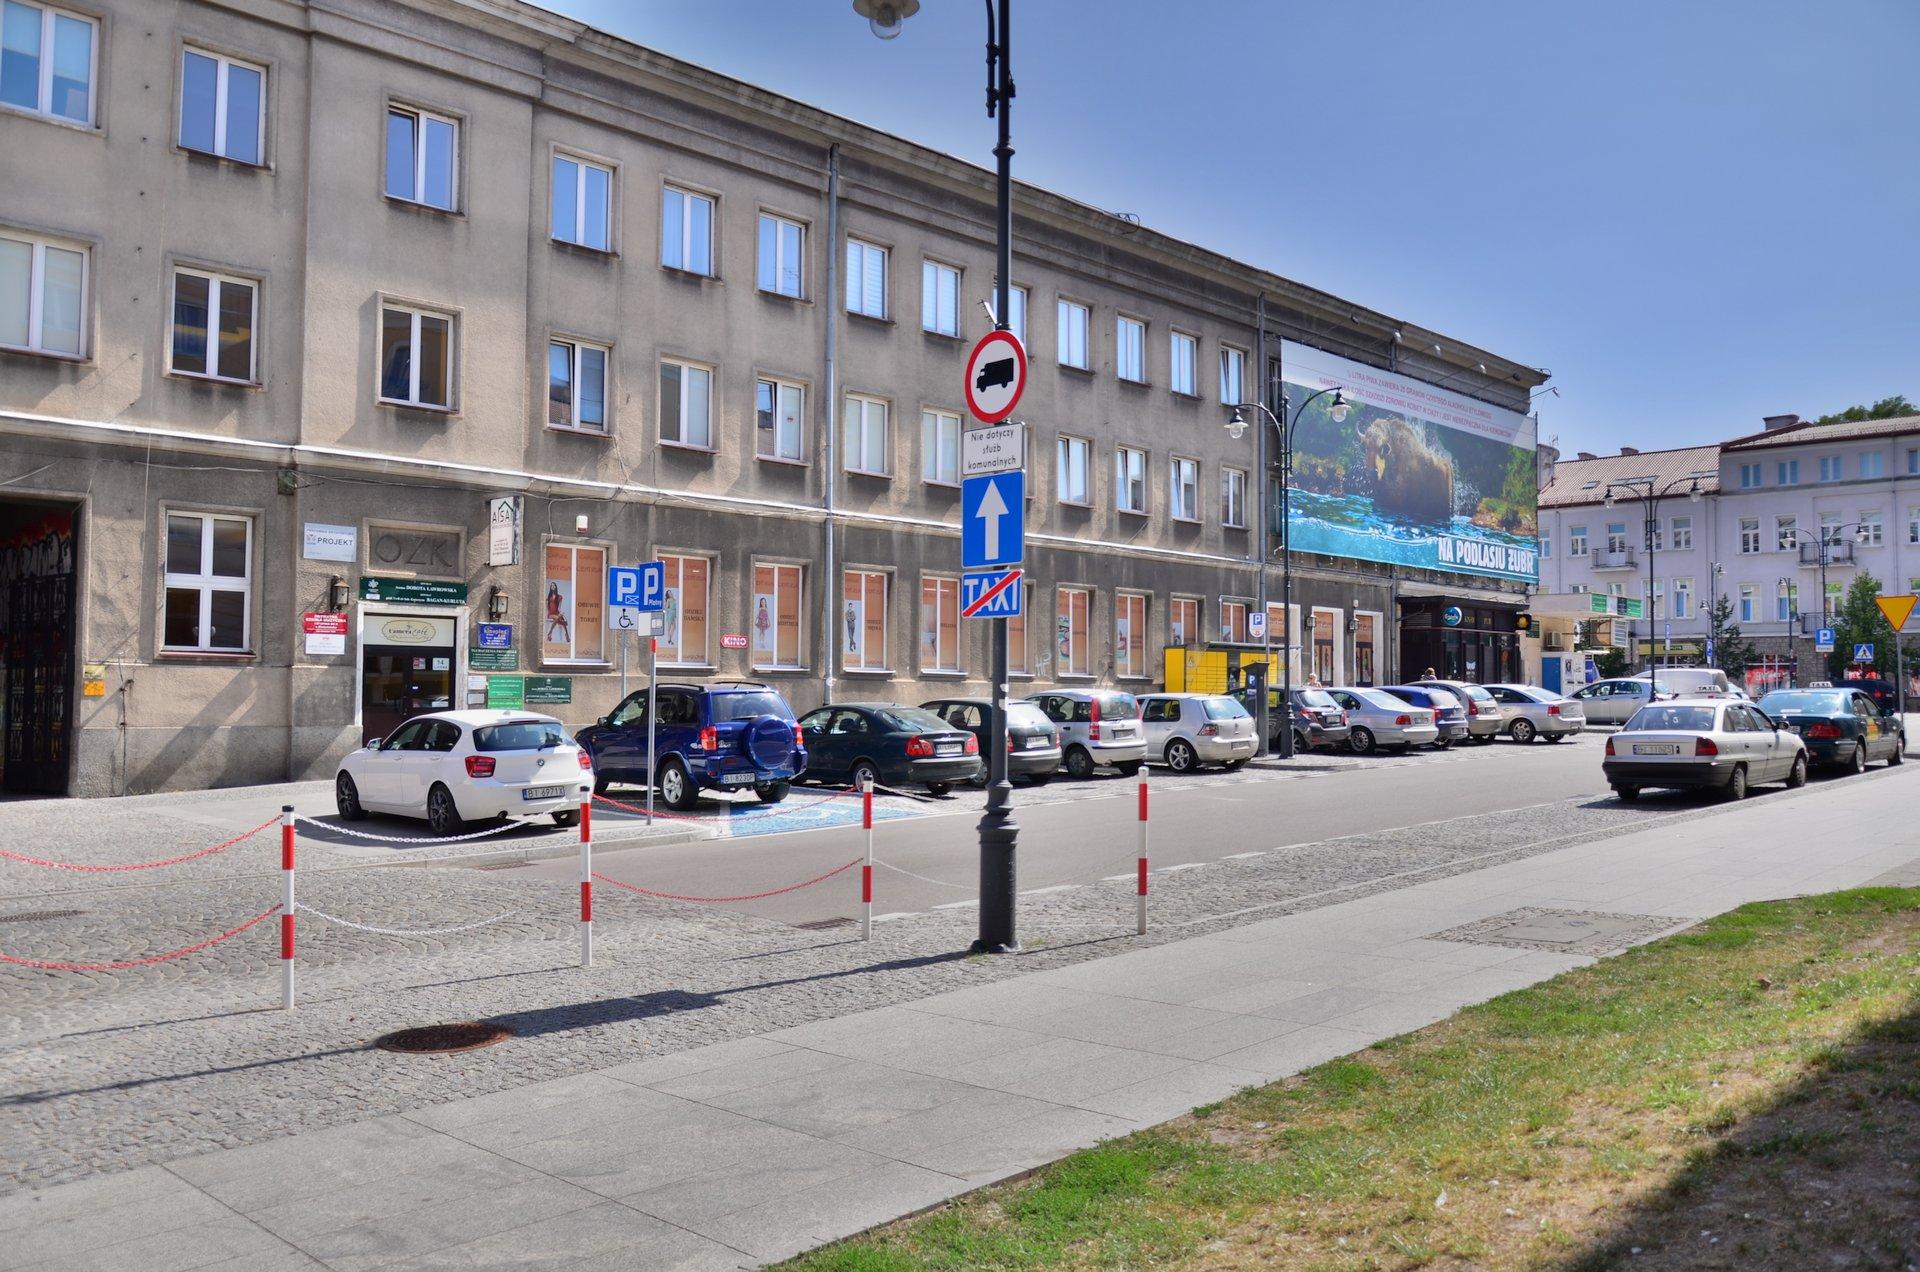 Białystok Nowy Świat centrumfree photo darmowe zdjęcie